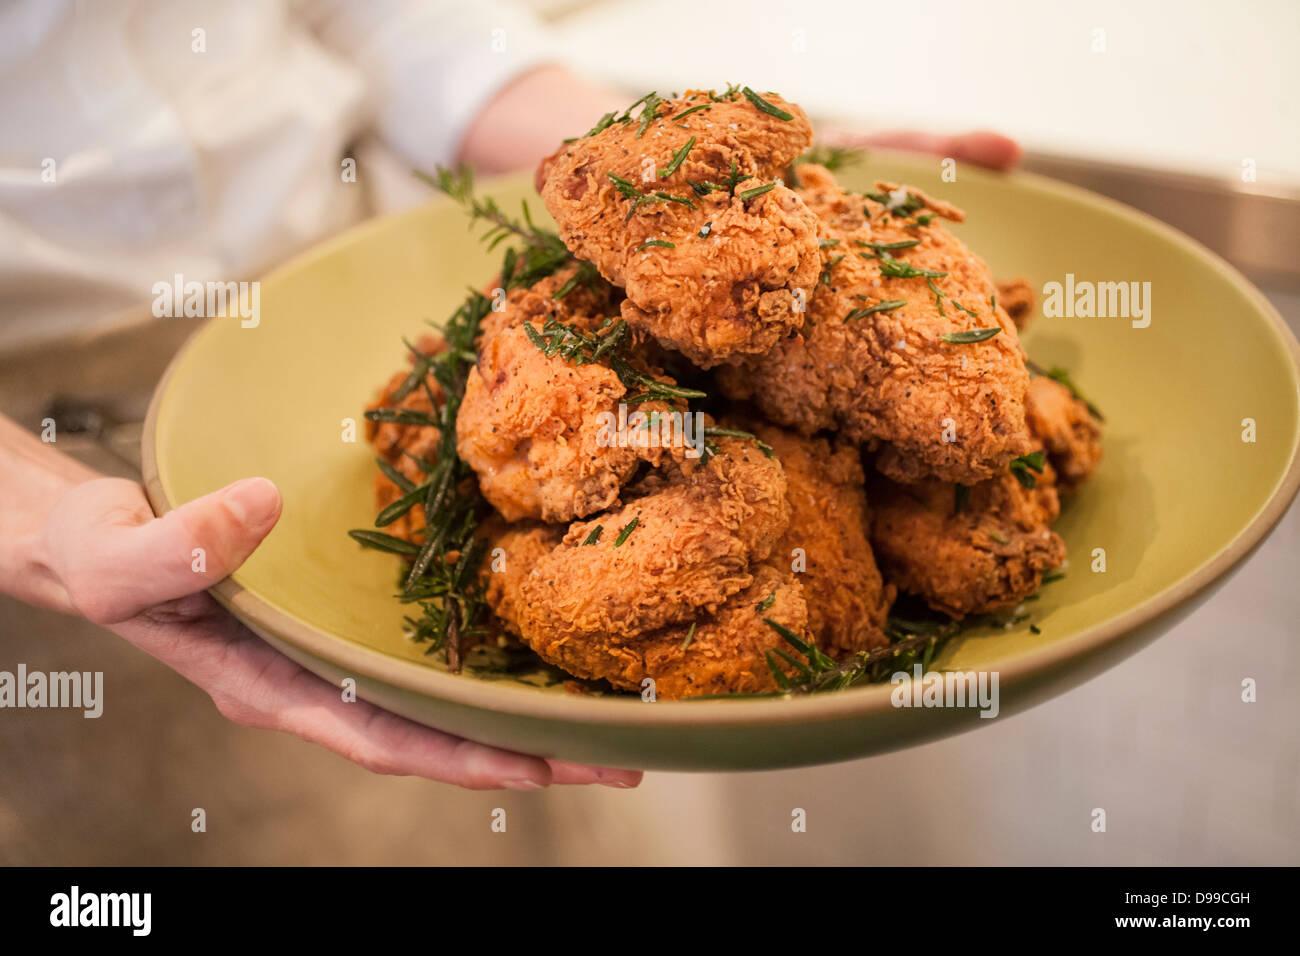 Golden fried chicken prêt à manger sur latable Photo Stock